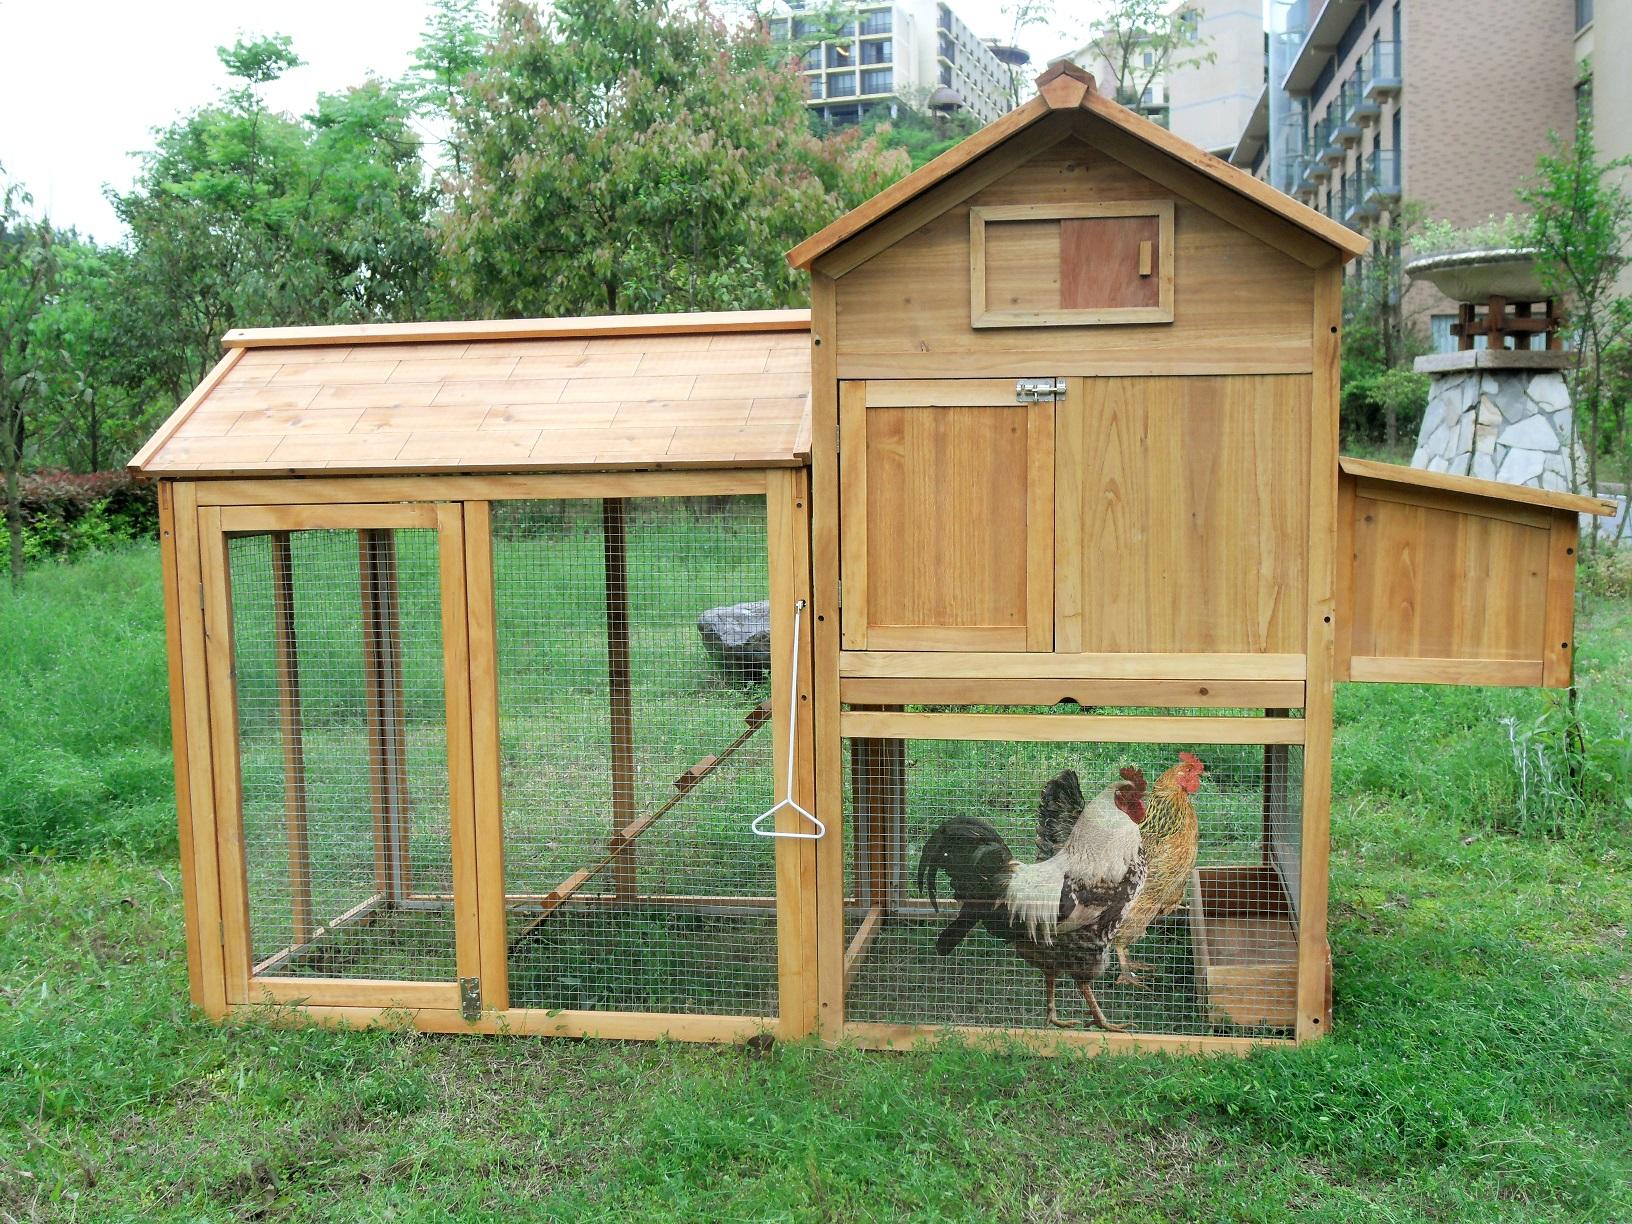 Deluxe Wooden Chicken Poultry Rabbit Pet Coop Hen House